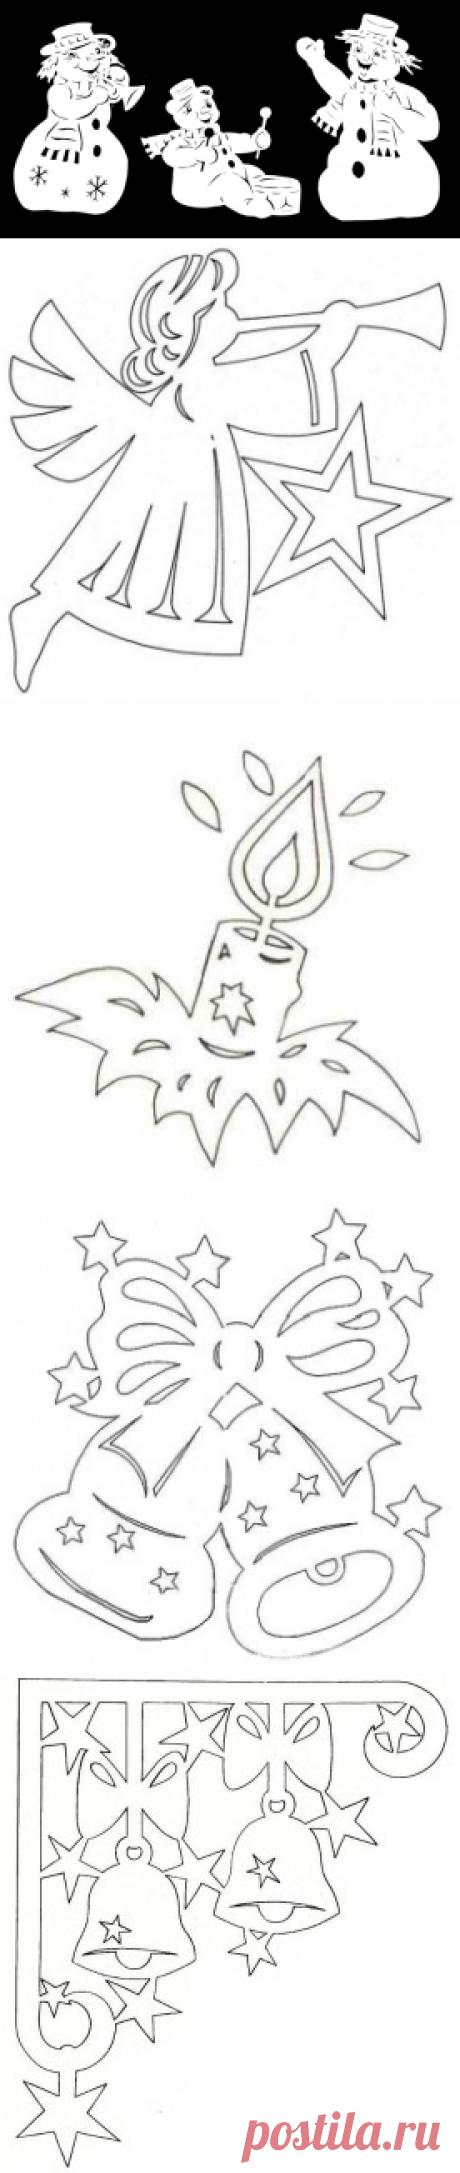 Новогодние шаблоны для вырезания из бумаги на окна 2017